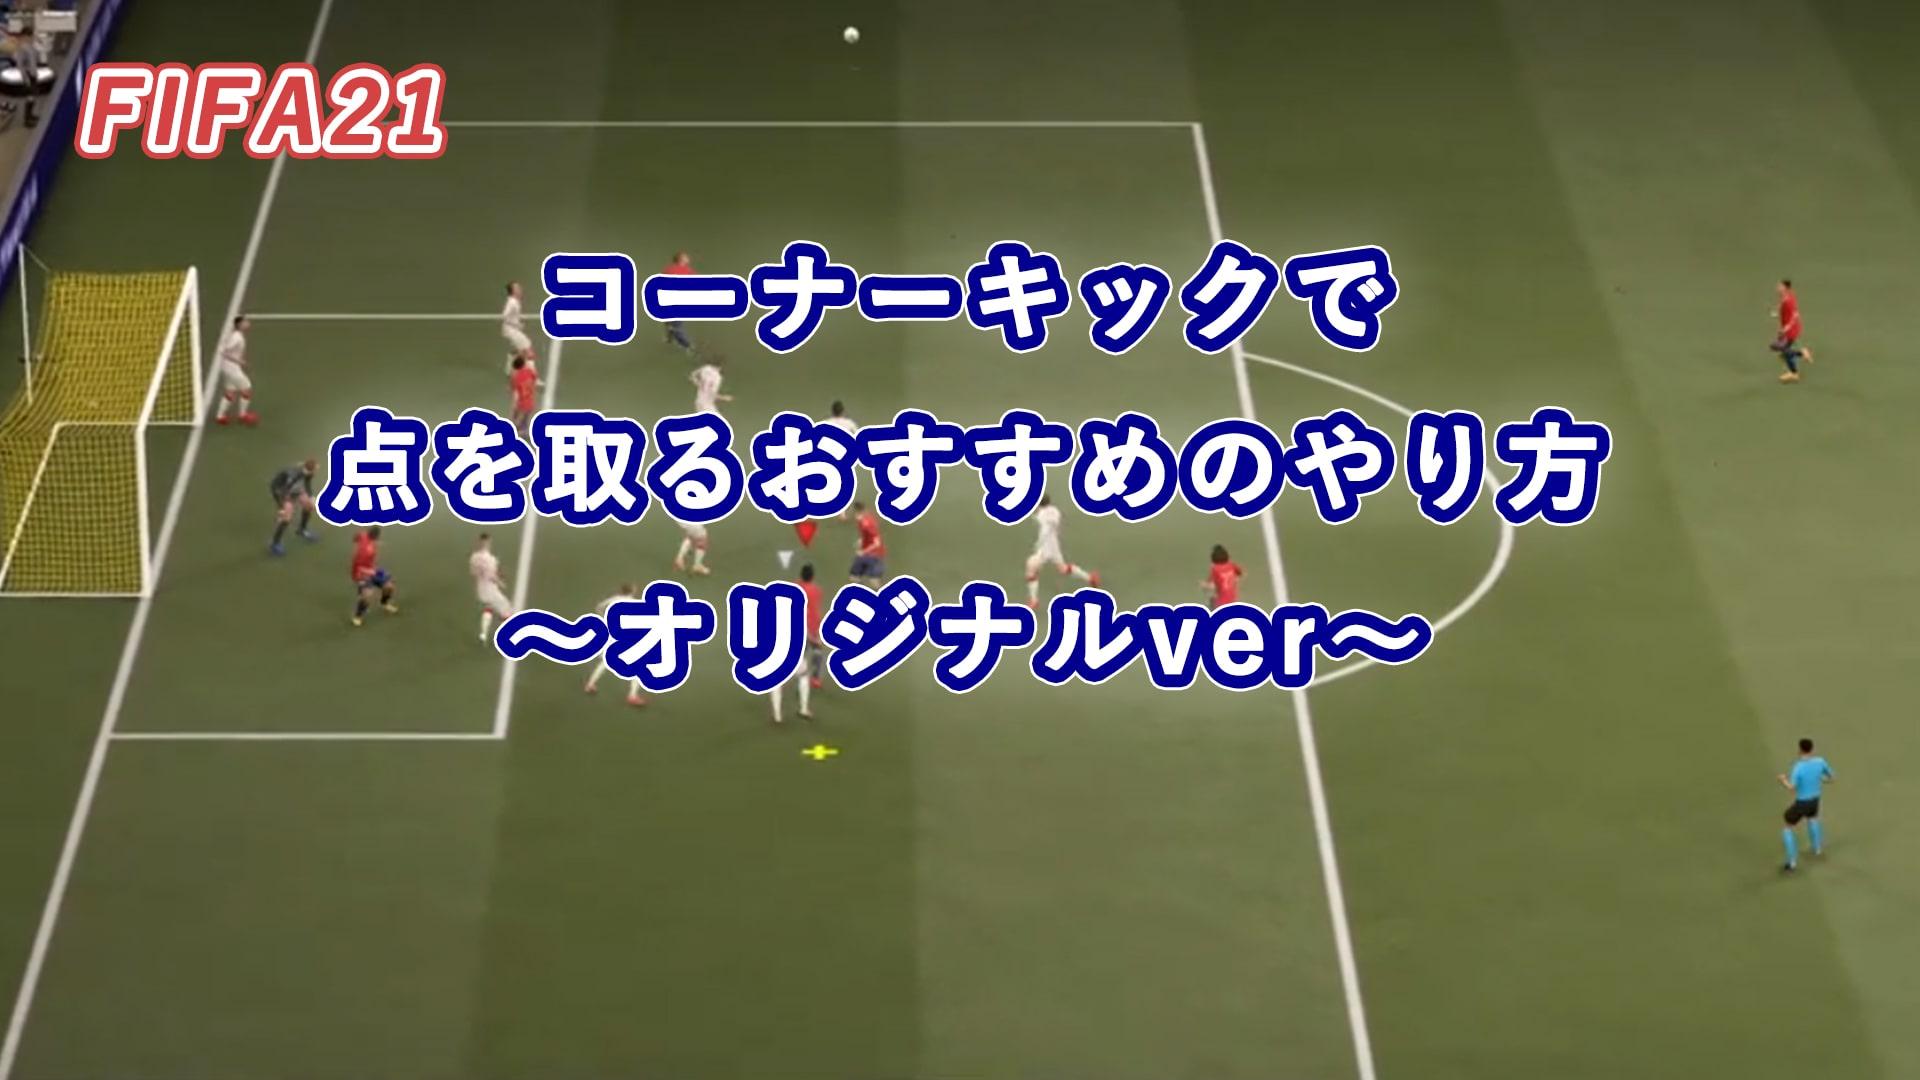 【FIFA21】コーナーキックで点を取るおすすめのやり方 ~オリジナルver~